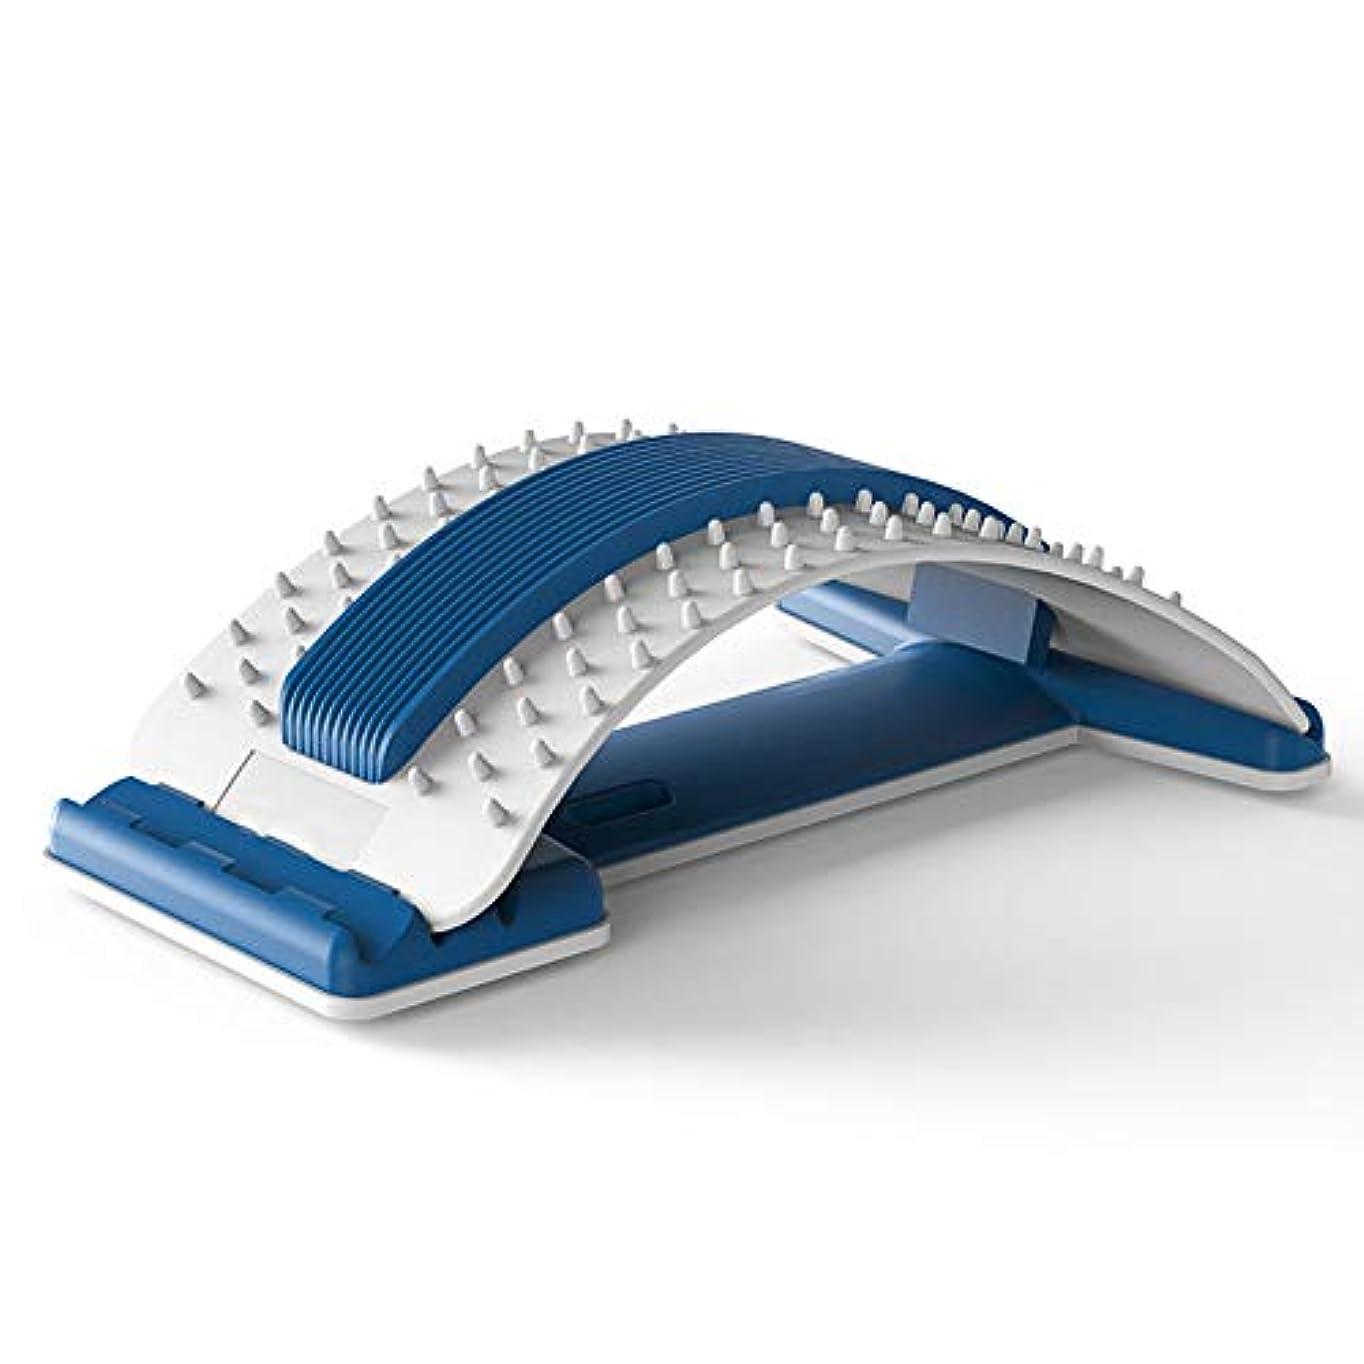 カテナ誤解させる制約腰椎矯正腰椎間板ヘルニアトラクターポータブル鍼治療パッド腰椎理学療法器具家庭用車